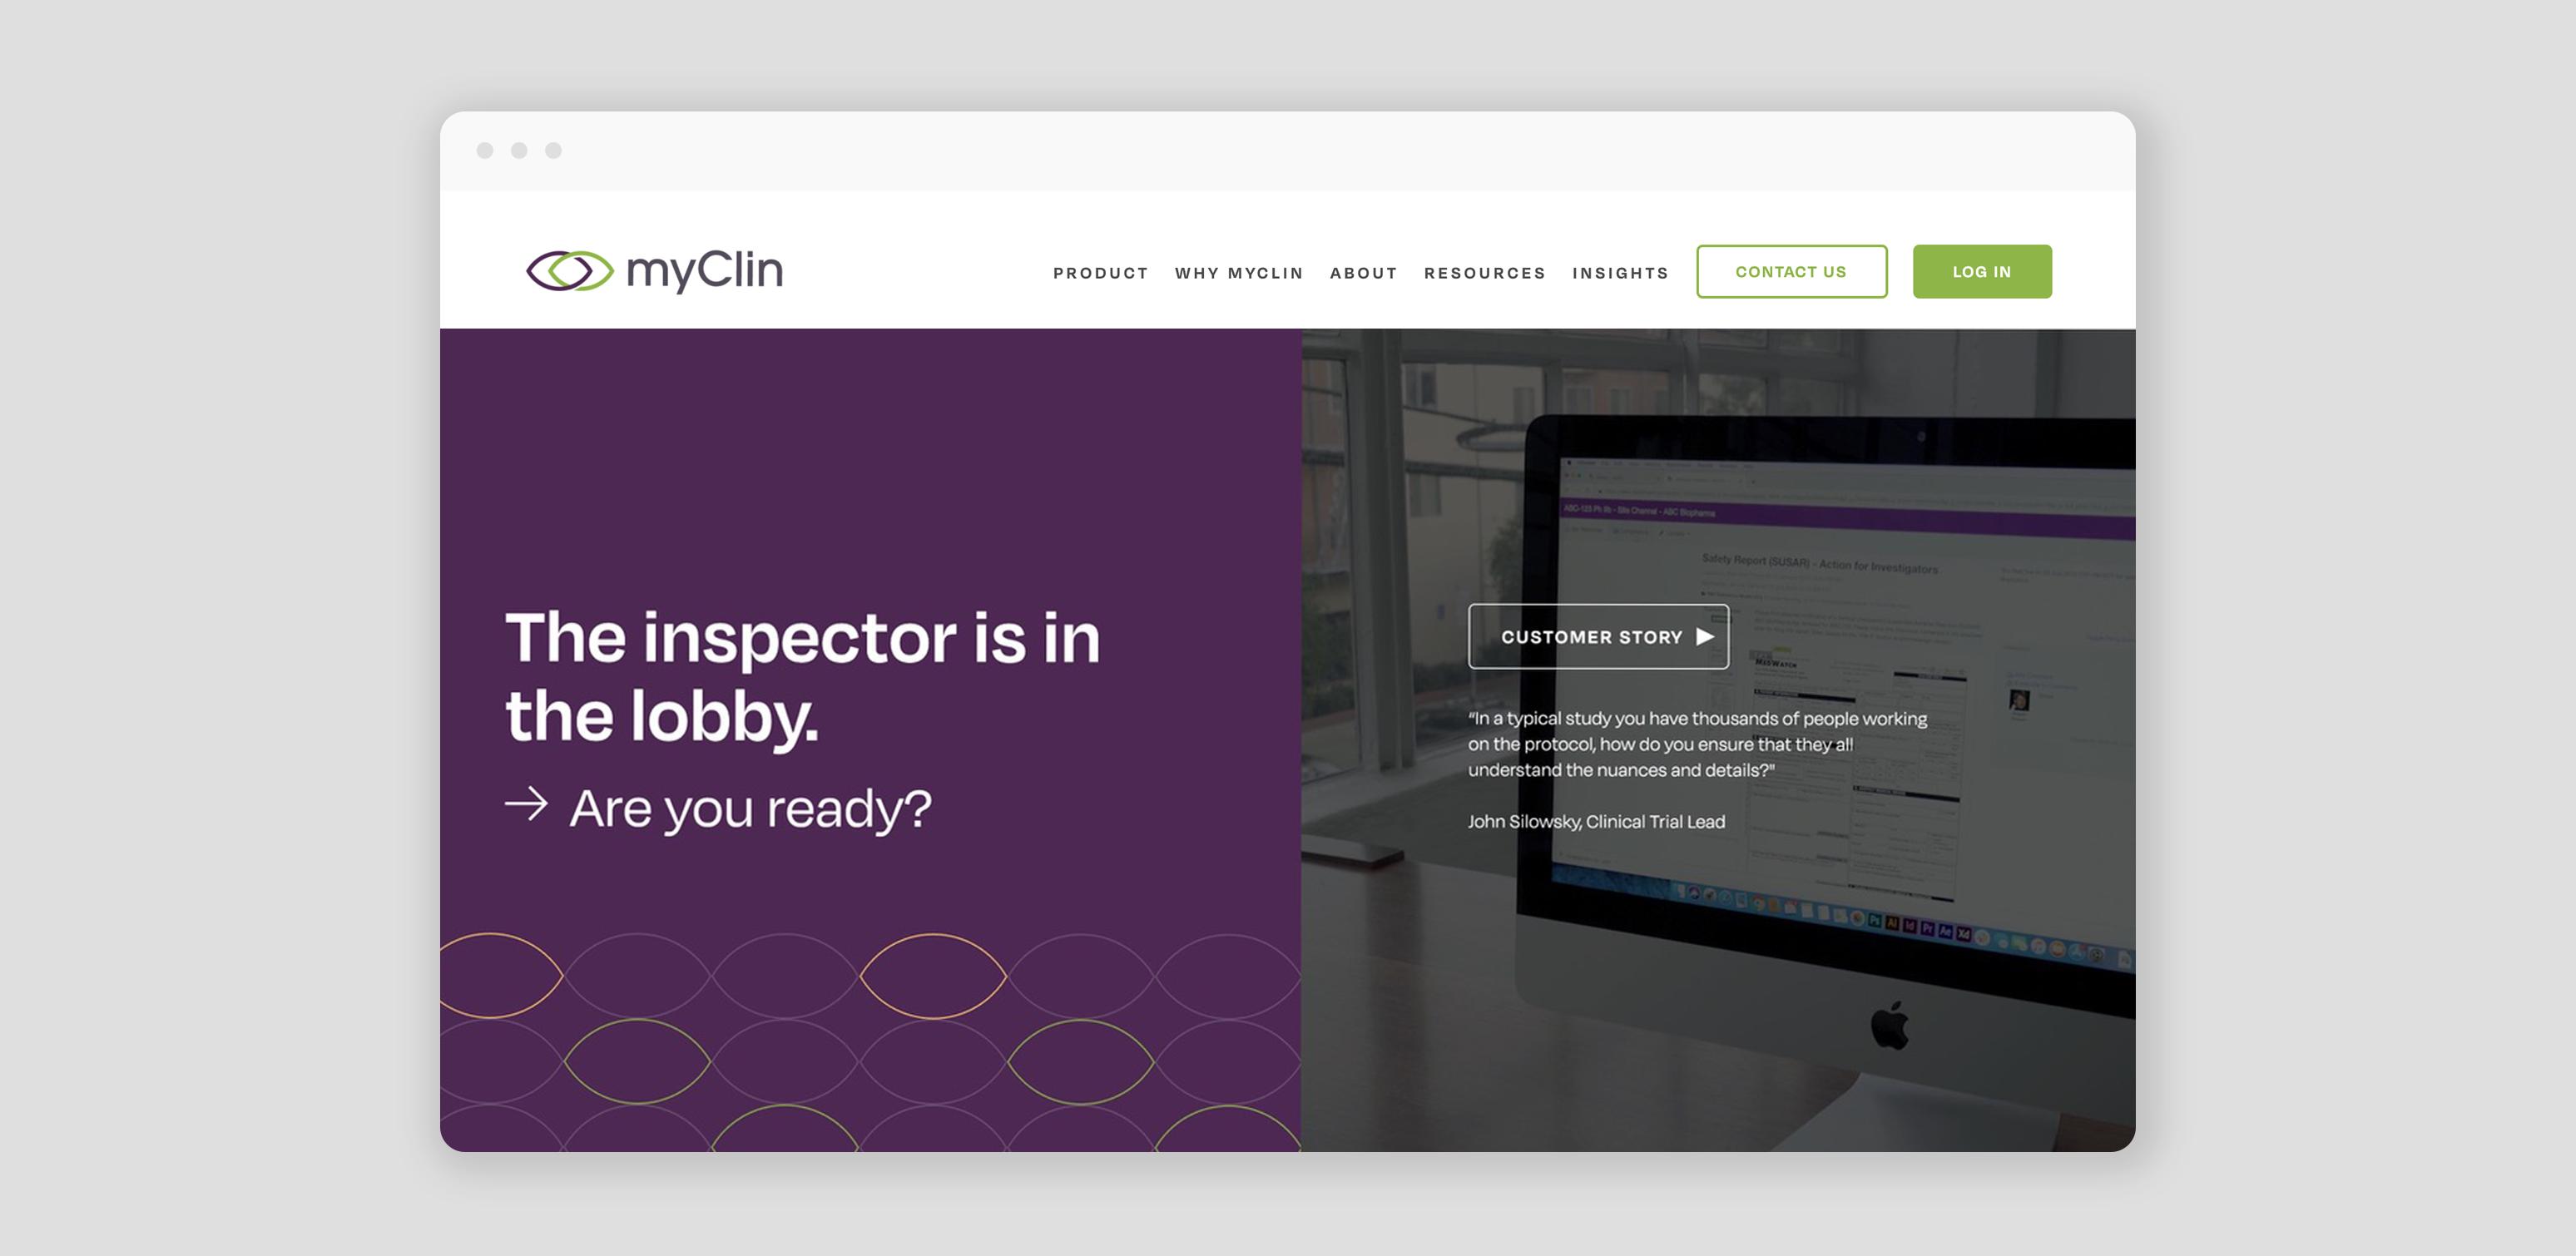 Building the New myClin Brand